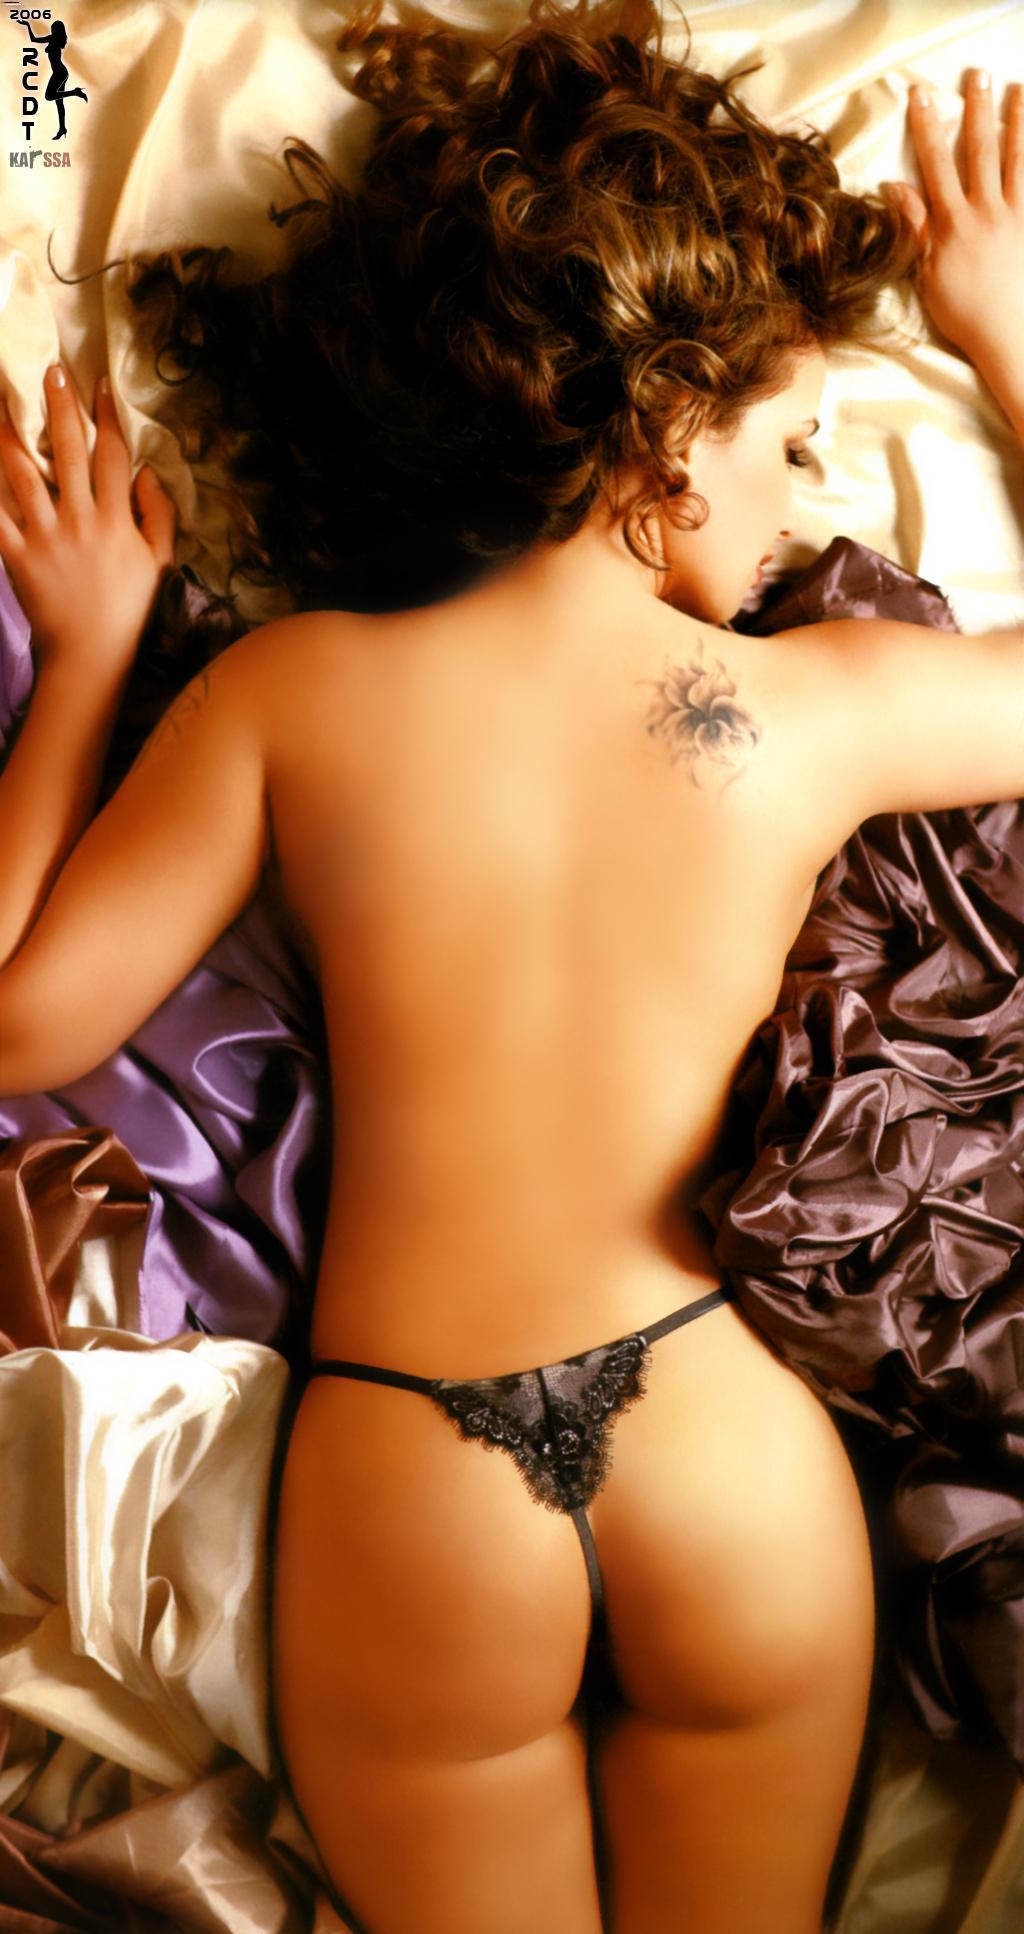 Секс трахнули анфису чехову 28 фотография